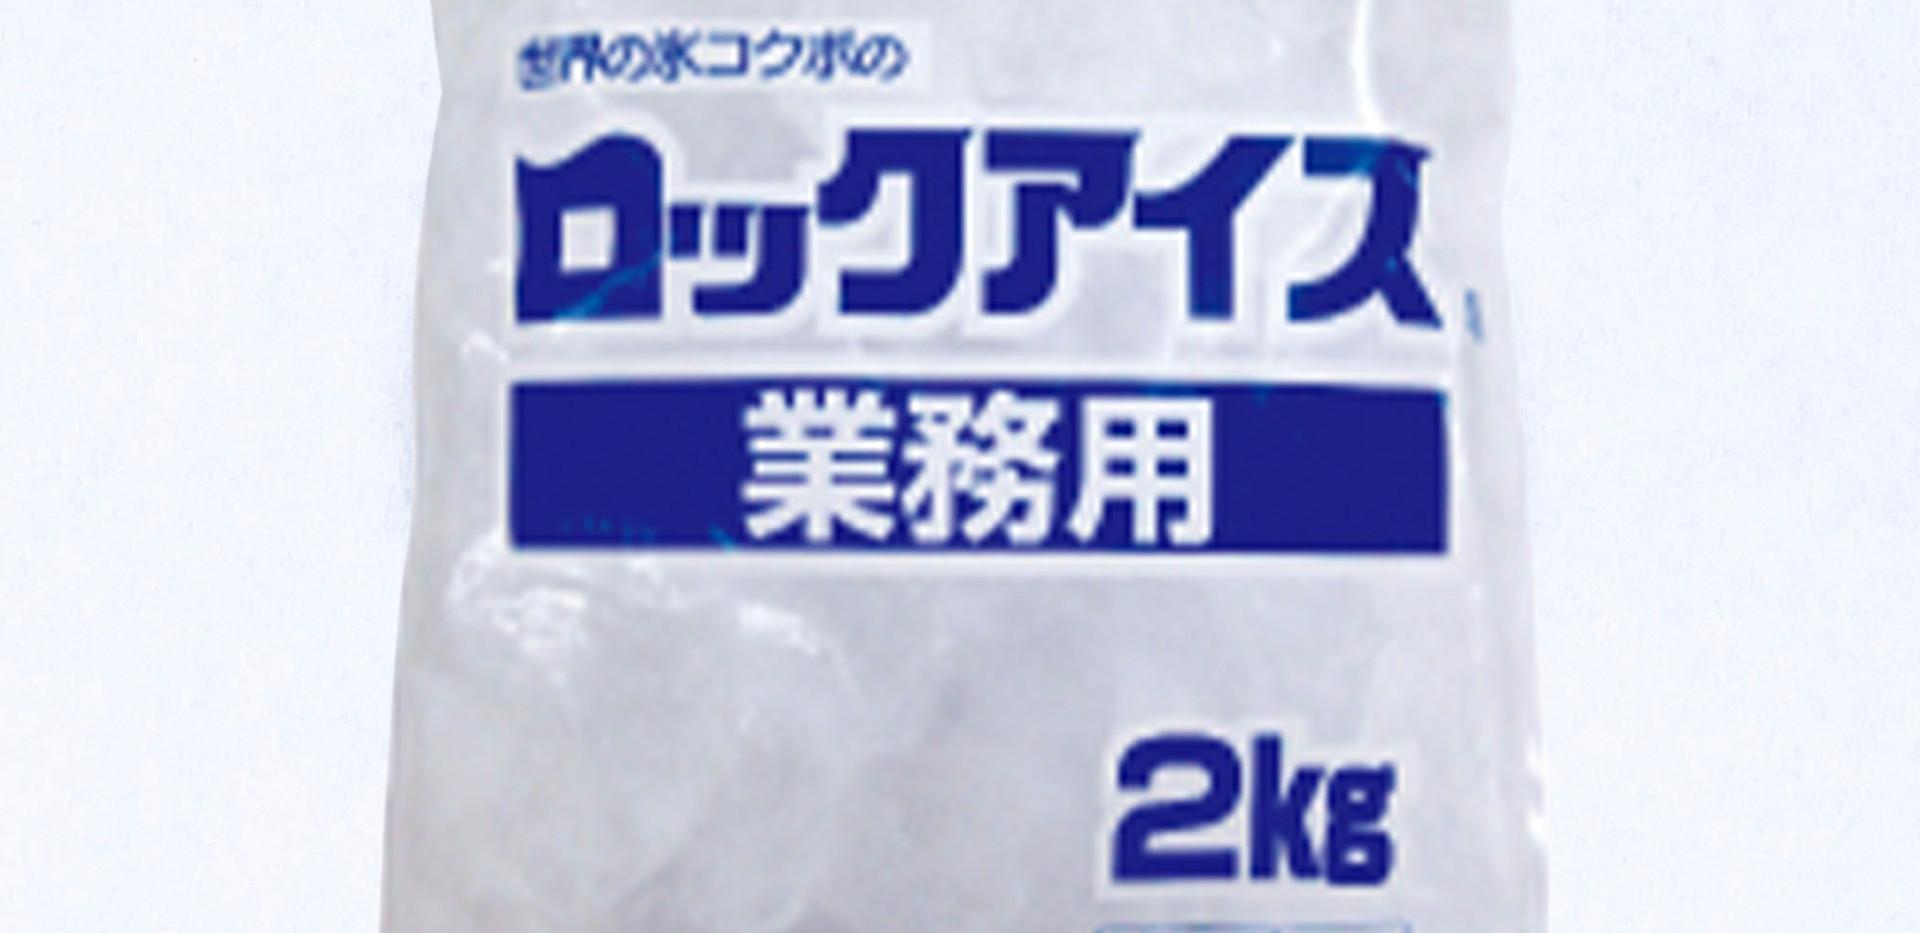 ロックアイス ¥300-